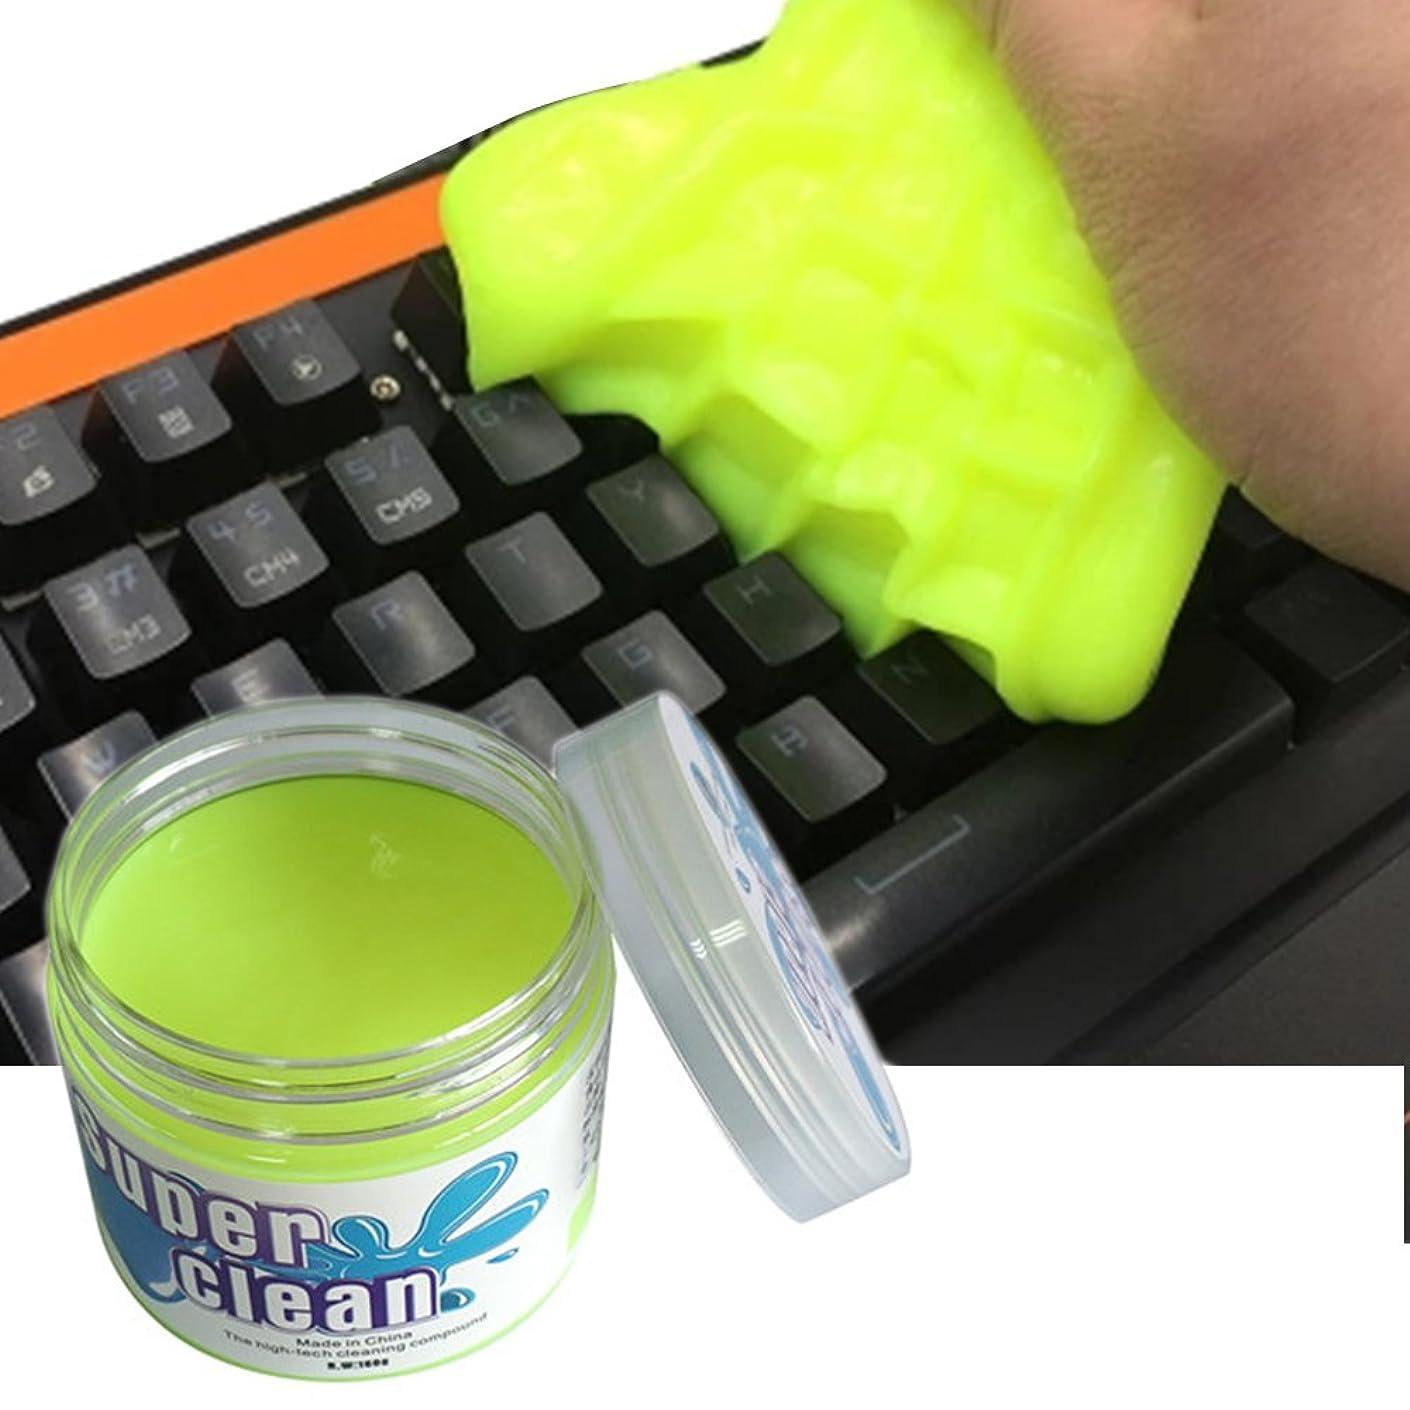 普通に薬を飲む毎日Besline キーボード掃除 キーボードクリーナー ゲルスティッキーゼリー ラップトップ コンピューター ダストリムーバー フレキシブルソフトグルー!繰り返し使用可能 小さな隙間のホコリをキャッチ!強力粘着 変形 キーボード エアコンなどの細かい埃取り 掃除 車 パソコン PC用クリーナー スーパークリーン ゲル